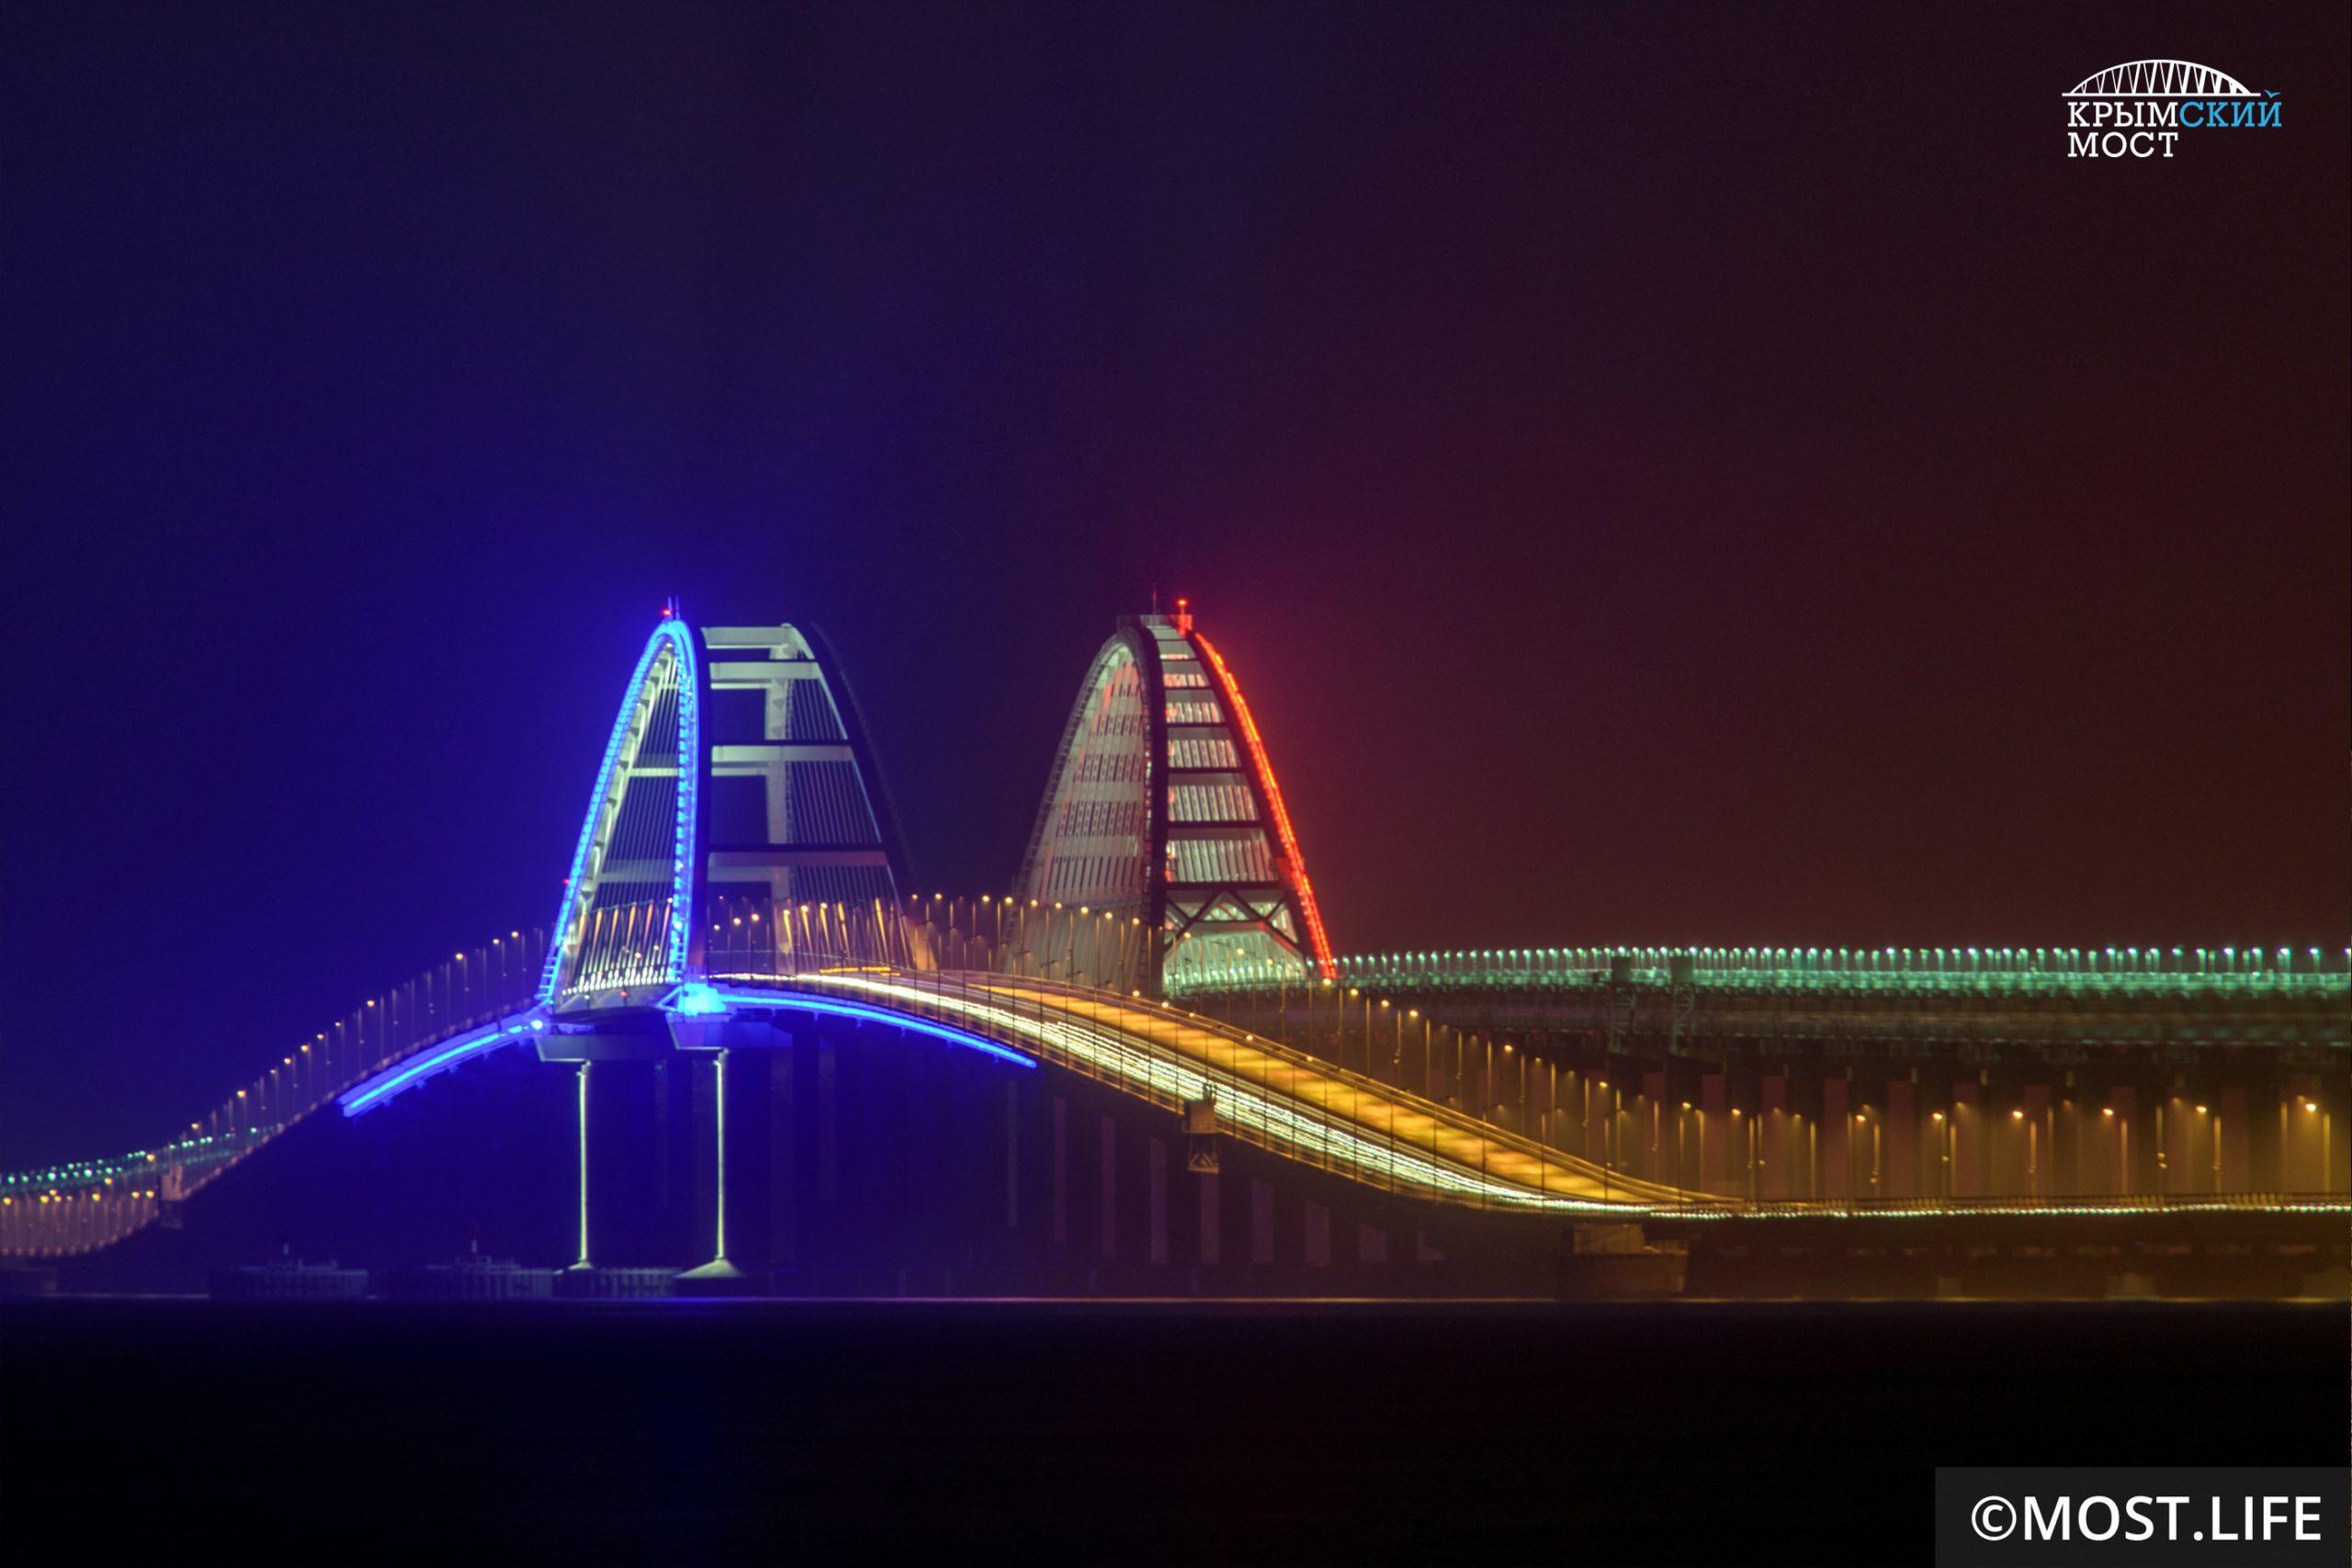 Пассажиропоток в Крым через мост снова увеличился